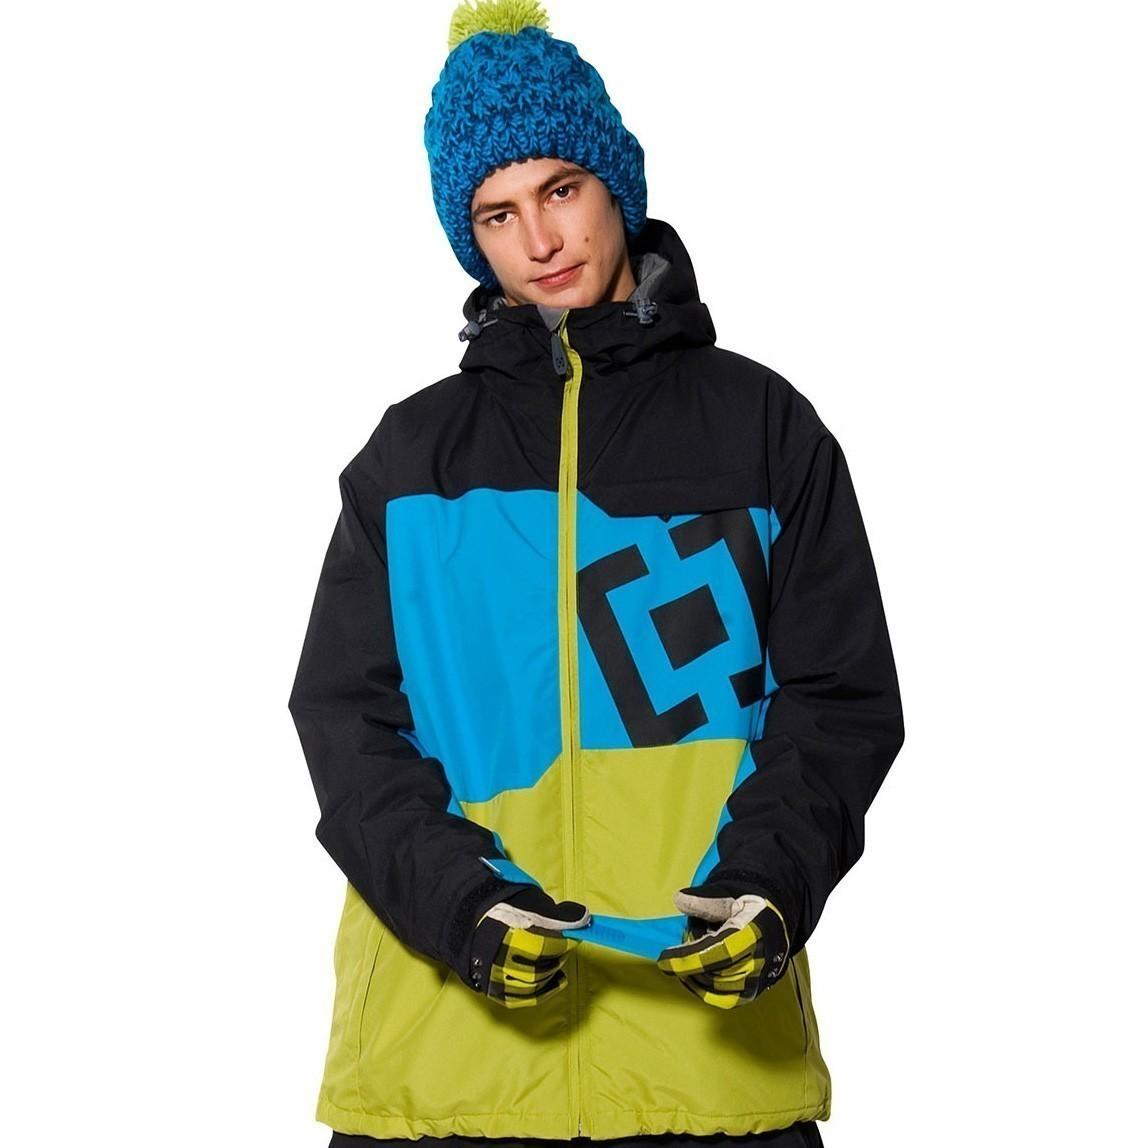 Куртка HORSEFEATHERS PYXIS FW13 купить в Москве, Санкт-Петербурге. Куртка  HORSEFEATHERS PYXIS FW13 цена, отзывы, скидки в магазине Траектория fb74cb7bea0